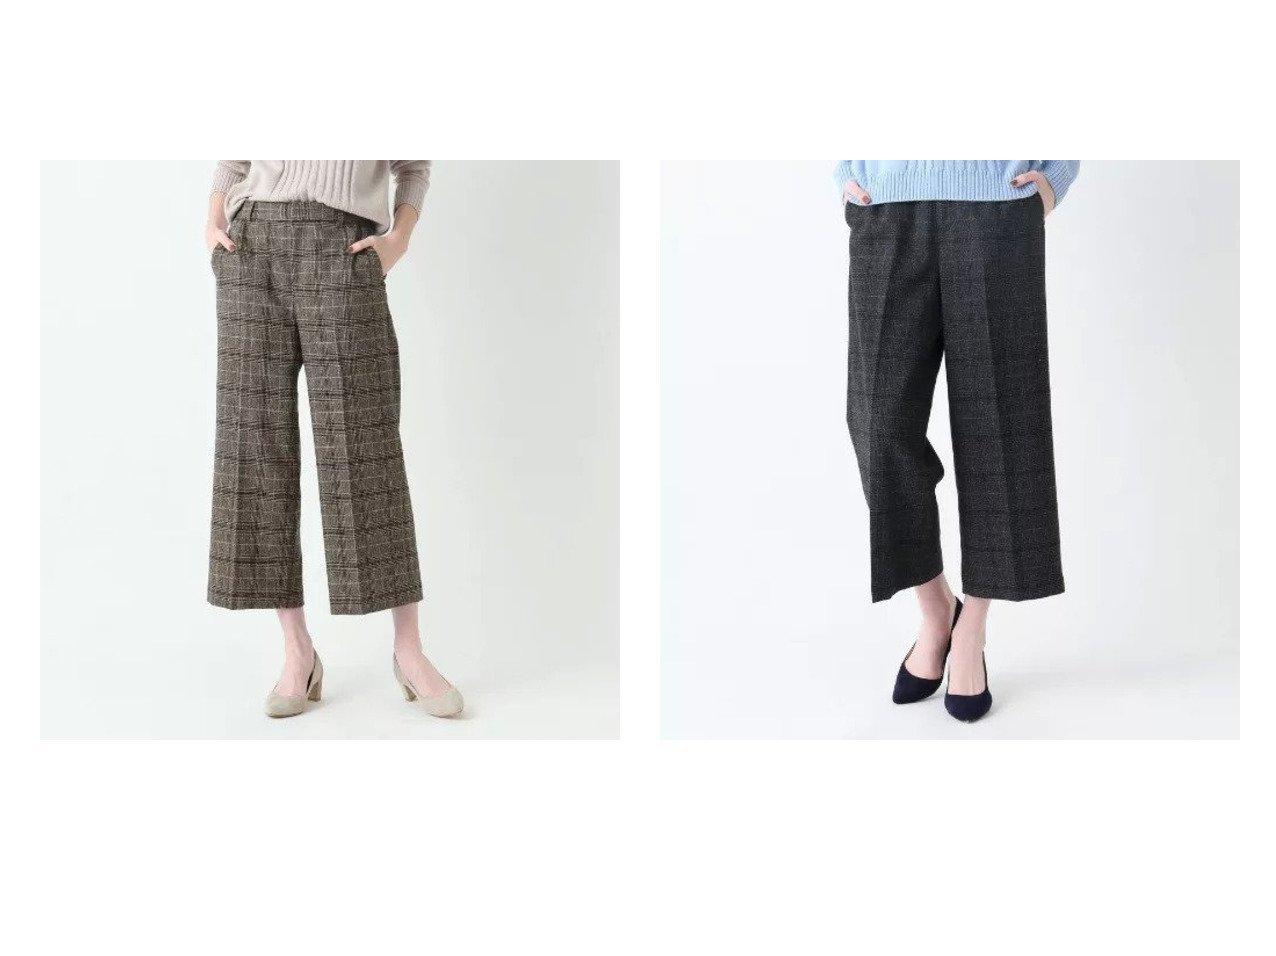 【SOFUOL/ソフール】のウールツイードチェッククロップドパンツ パンツのおすすめ!人気、トレンド・レディースファッションの通販 おすすめで人気の流行・トレンド、ファッションの通販商品 メンズファッション・キッズファッション・インテリア・家具・レディースファッション・服の通販 founy(ファニー) https://founy.com/ ファッション Fashion レディースファッション WOMEN パンツ Pants シンプル センター チェック ツィード ツイード ポケット リラックス 人気 定番 Standard 無地 |ID:crp329100000016278